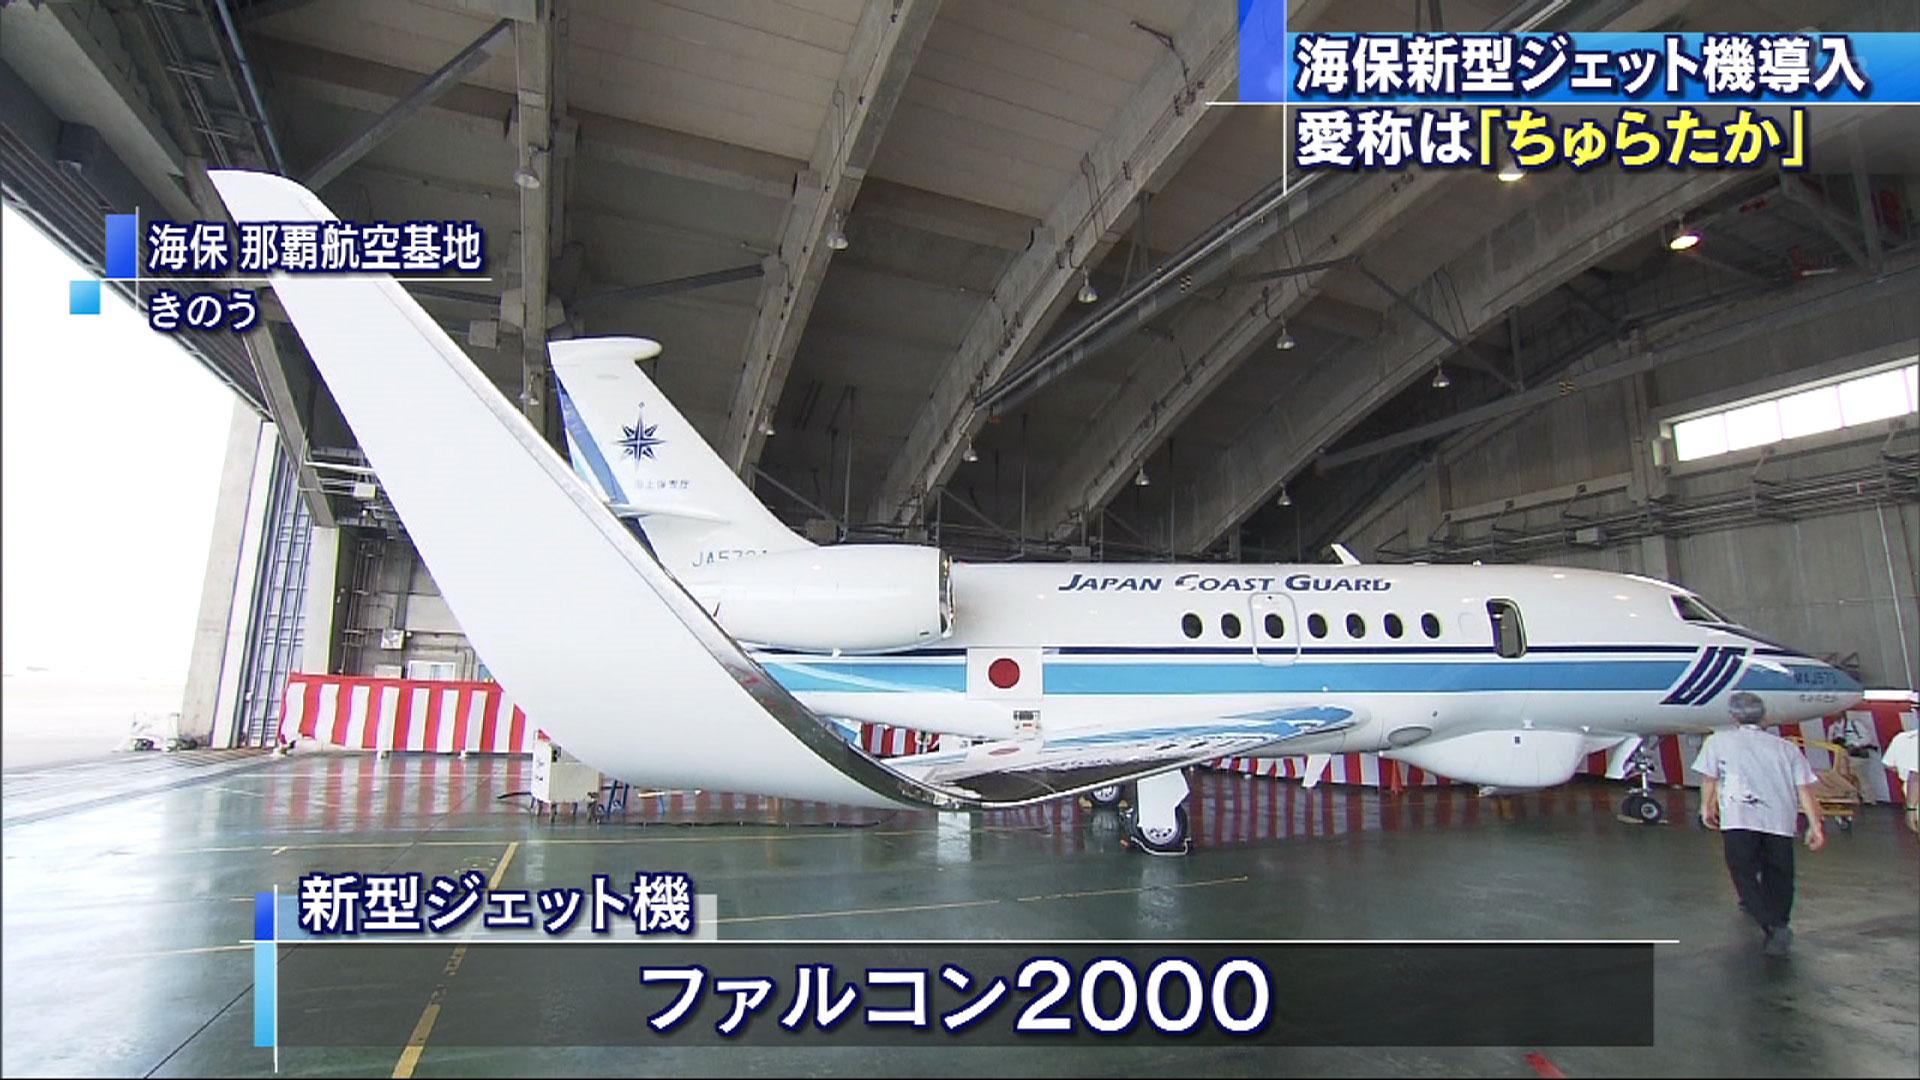 新型ジェット機ファルコン2000就役式